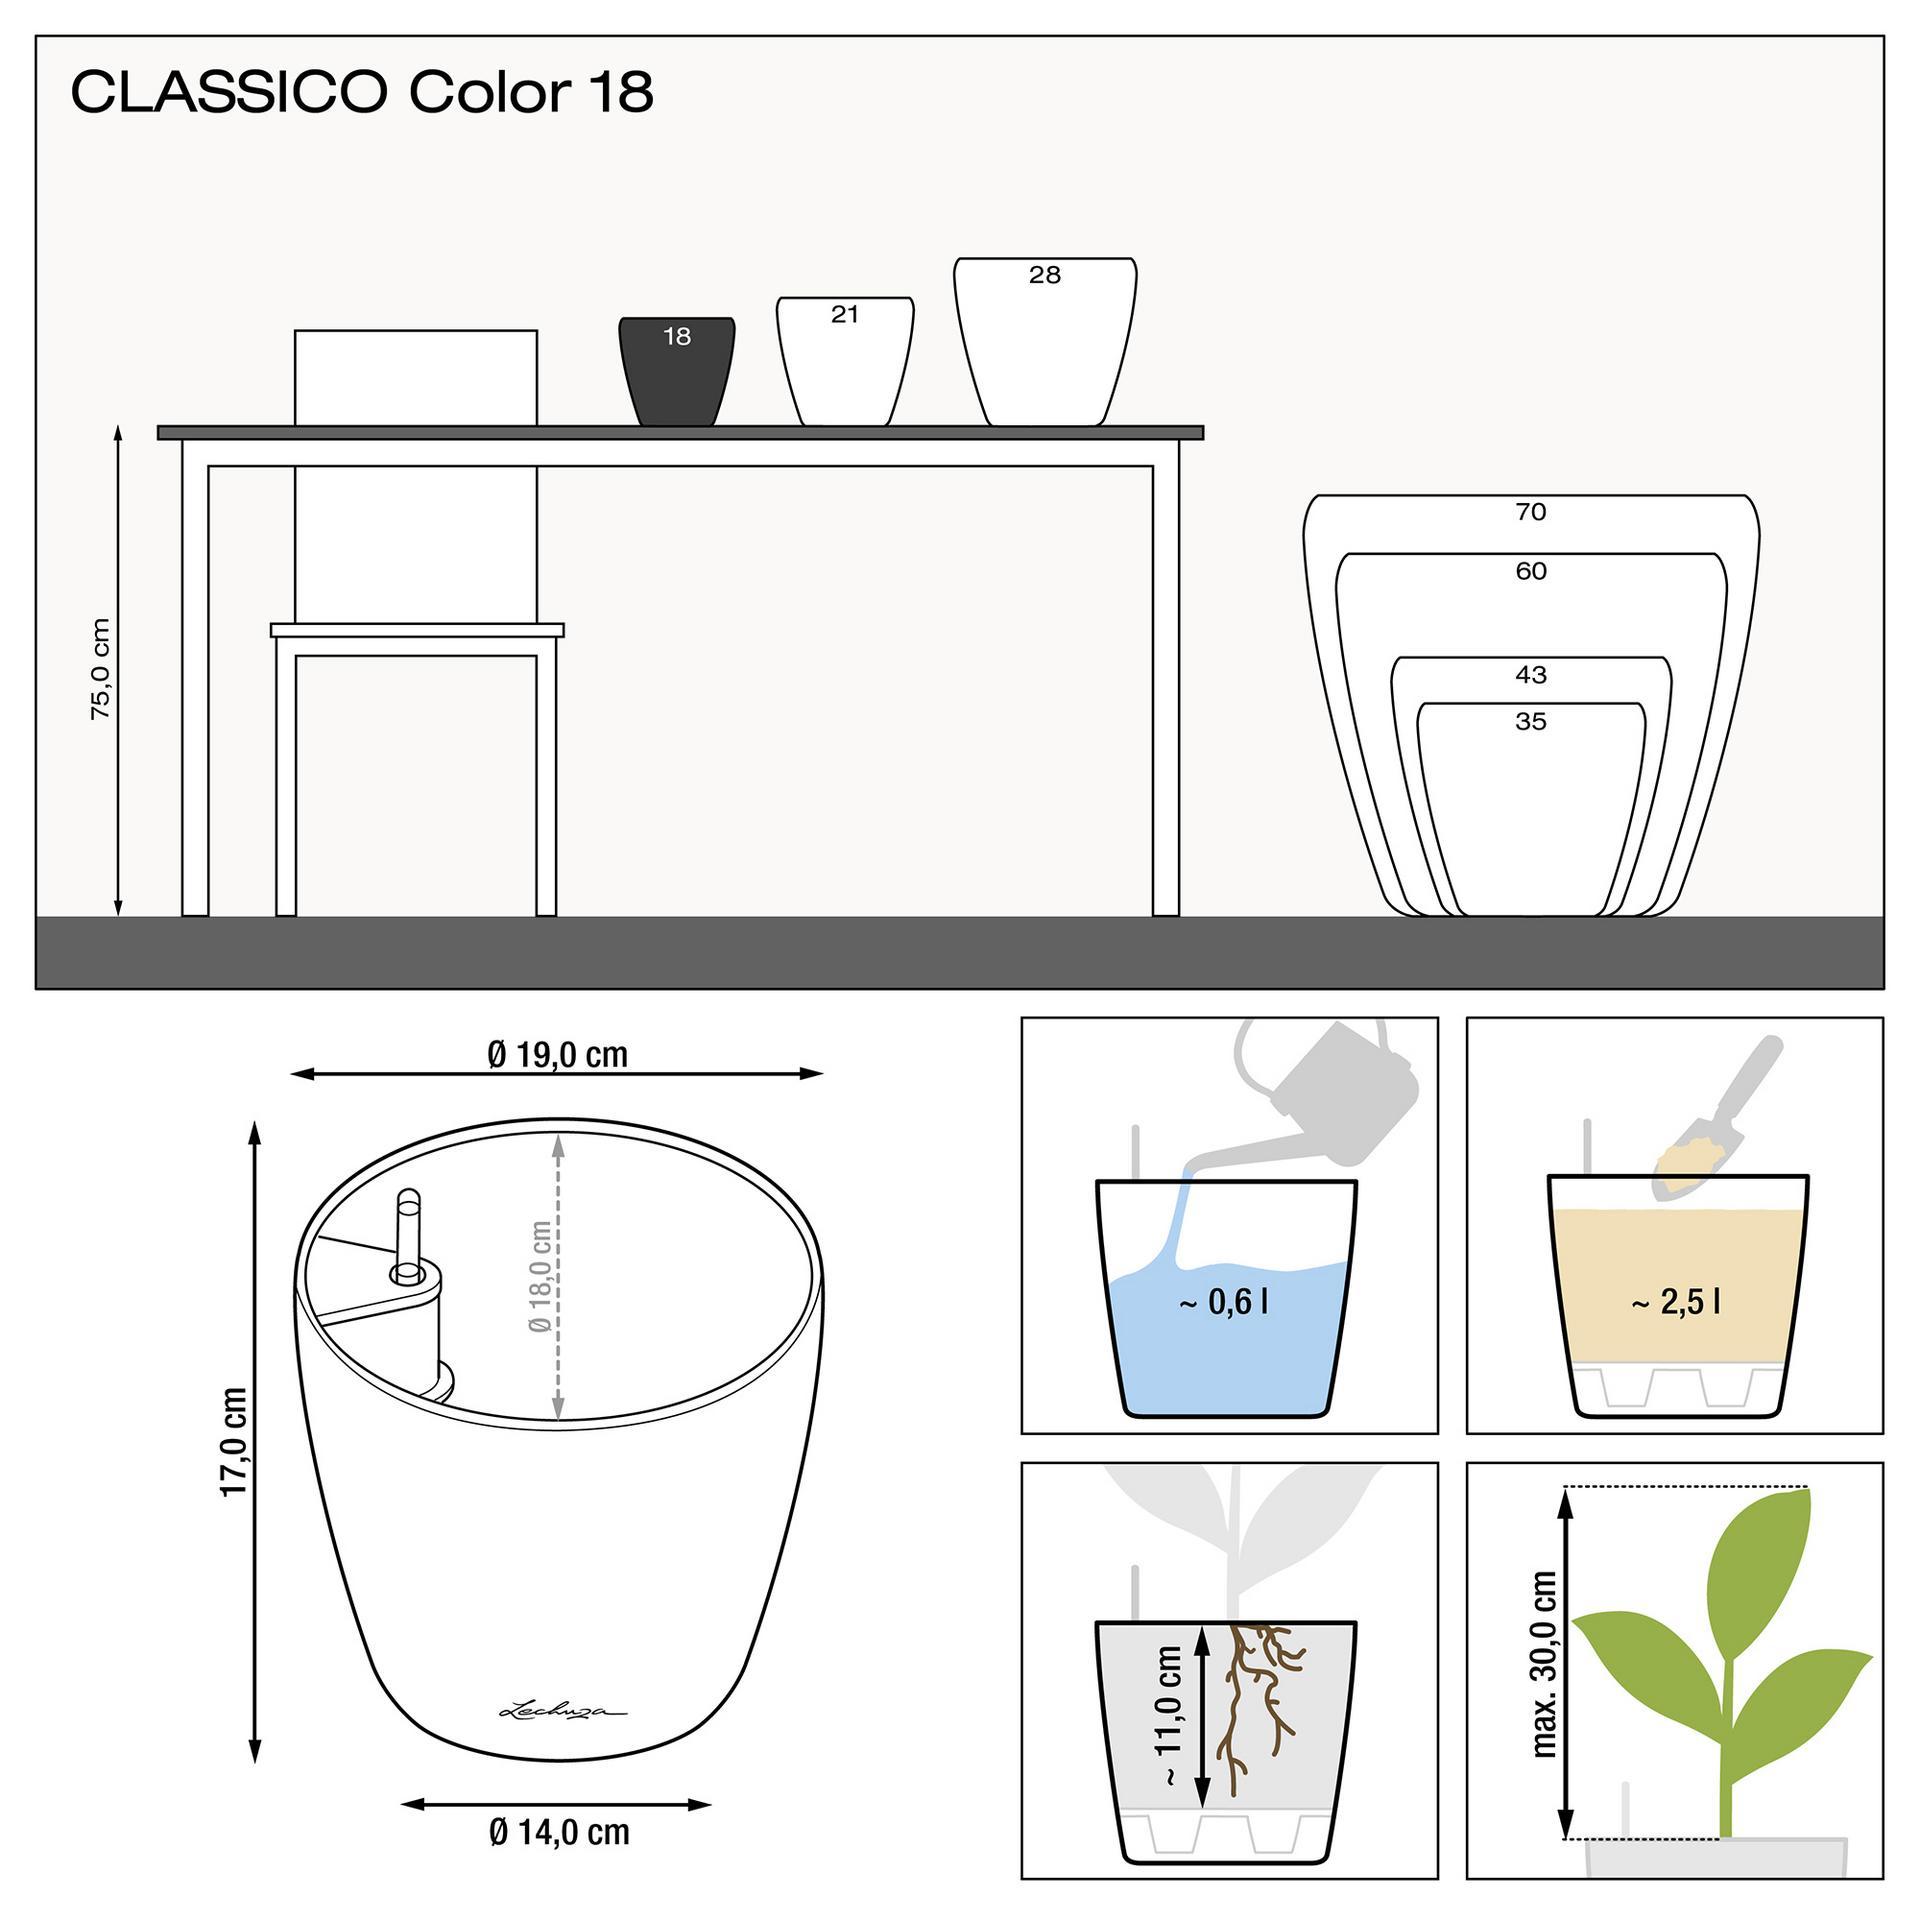 le_classico-color18_product_addi_nz